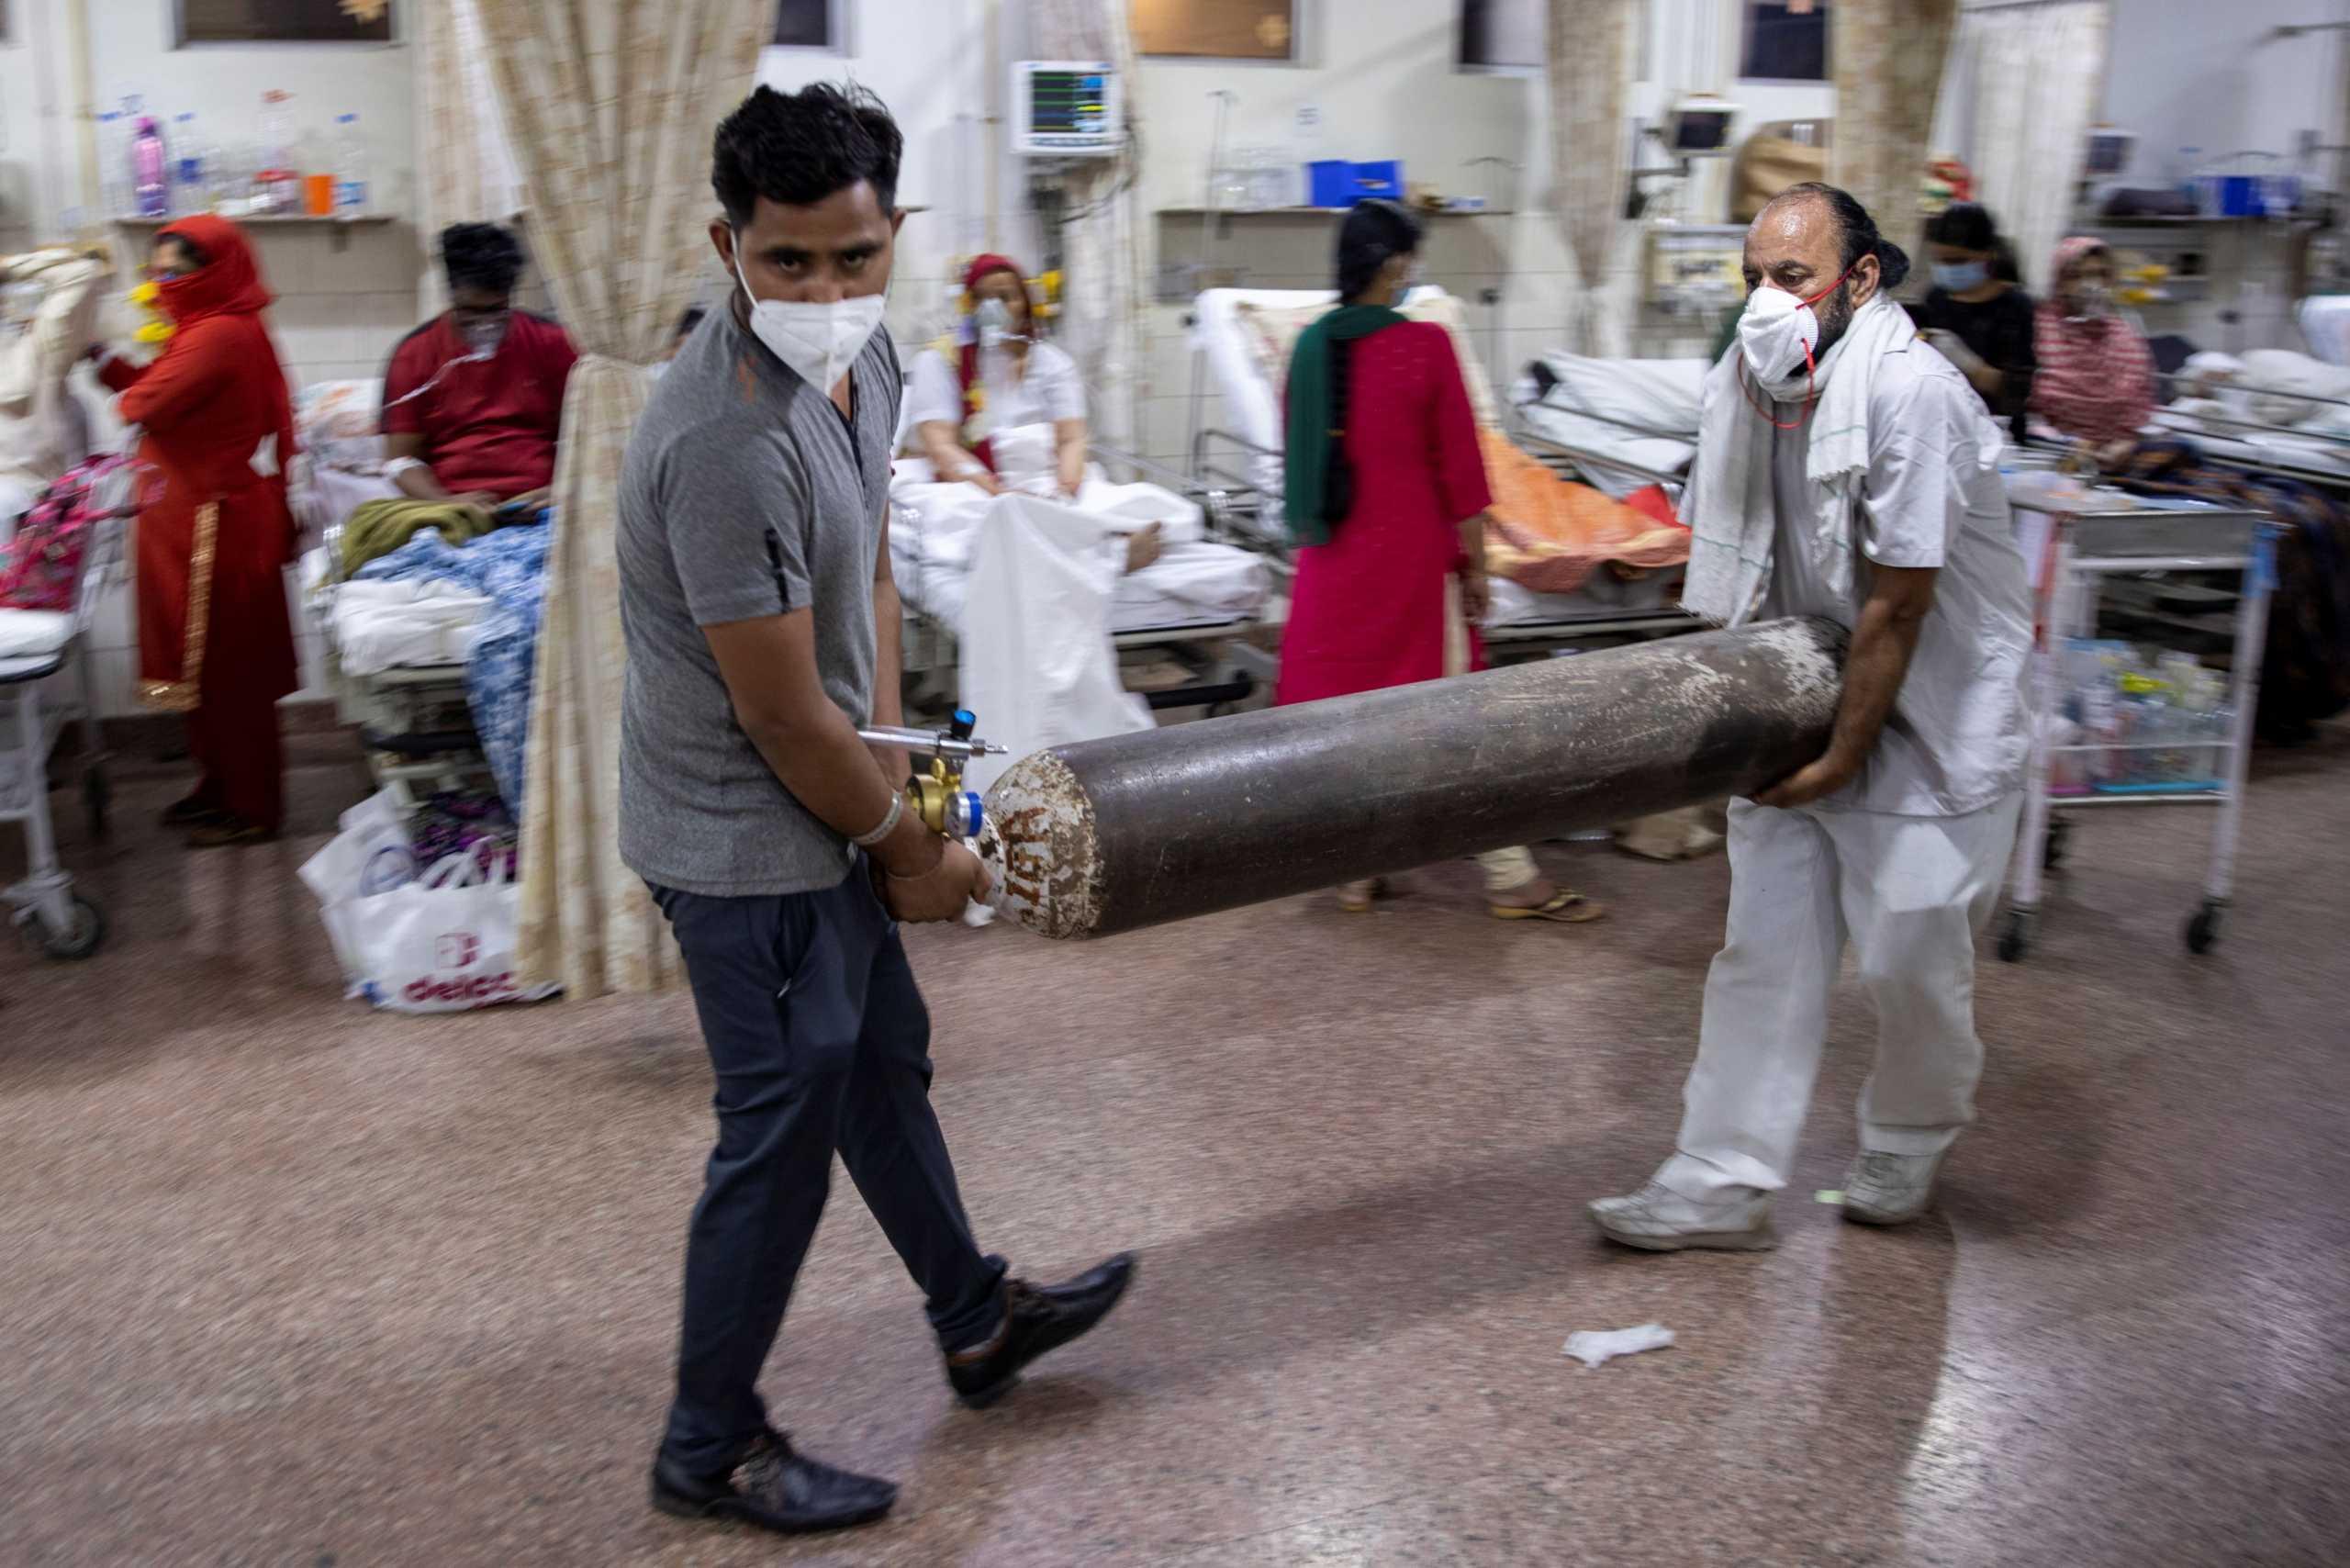 «Εκρηκτική» η κατάσταση στην Ινδία: 1,5 εκατ. κρούσματα κορονοϊού σε μία εβδομάδα